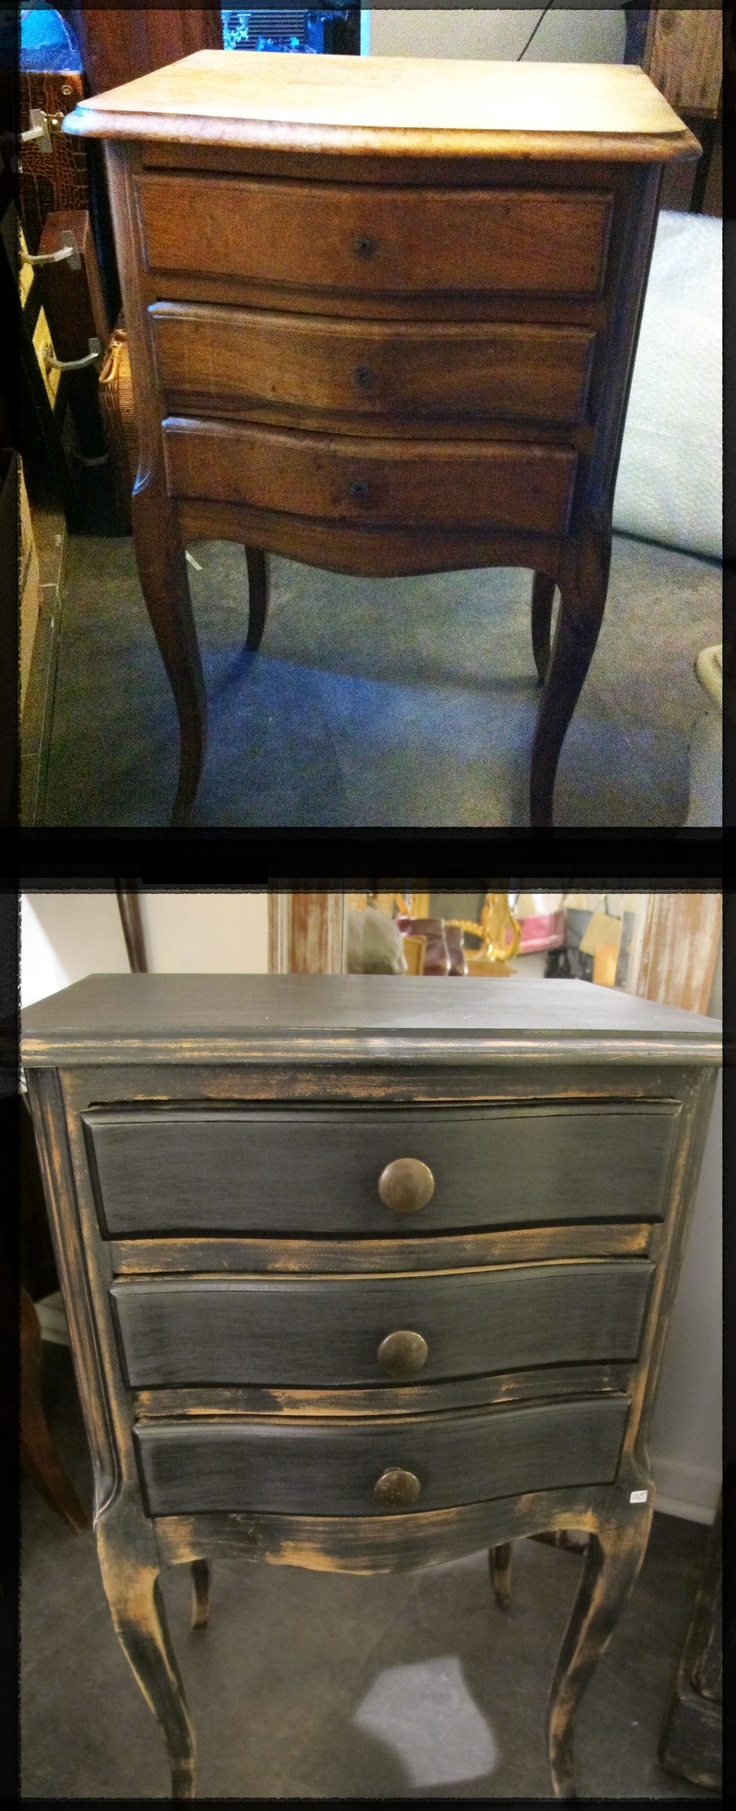 17 meilleures images propos de deco sur pinterest for Patine sur meuble ancien